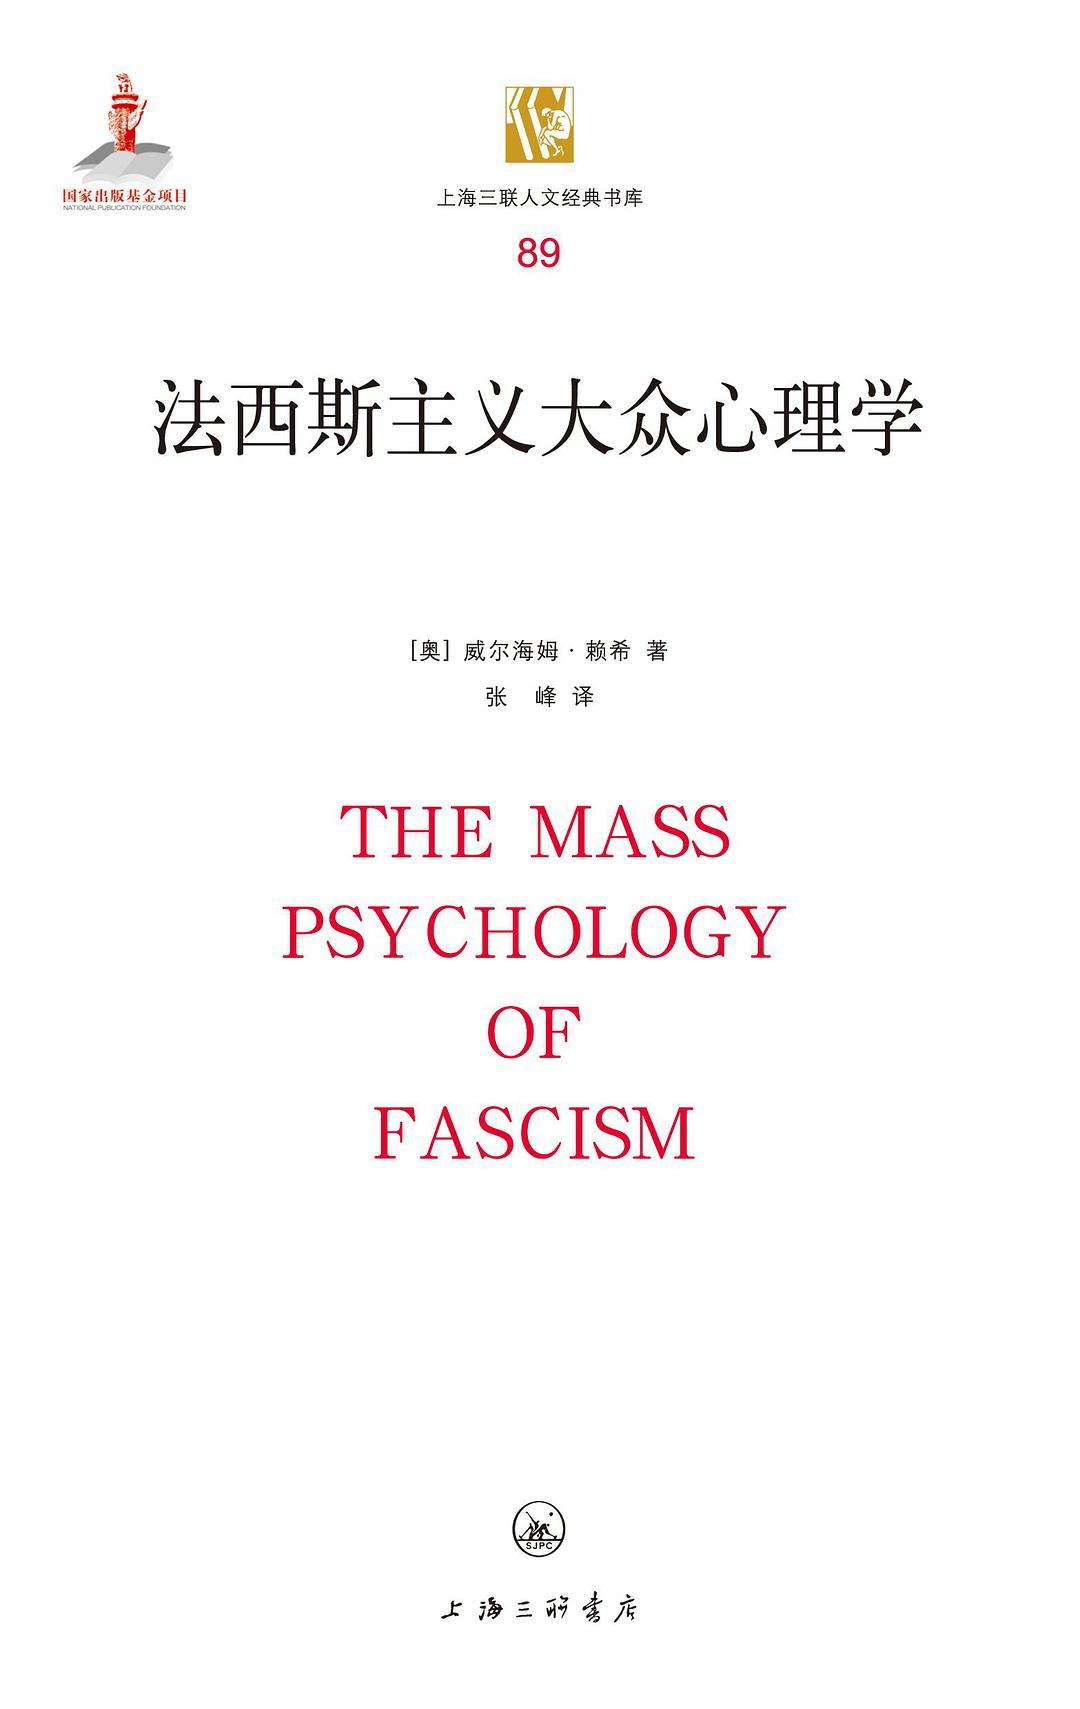 法西斯主义大众心理学-好书天下